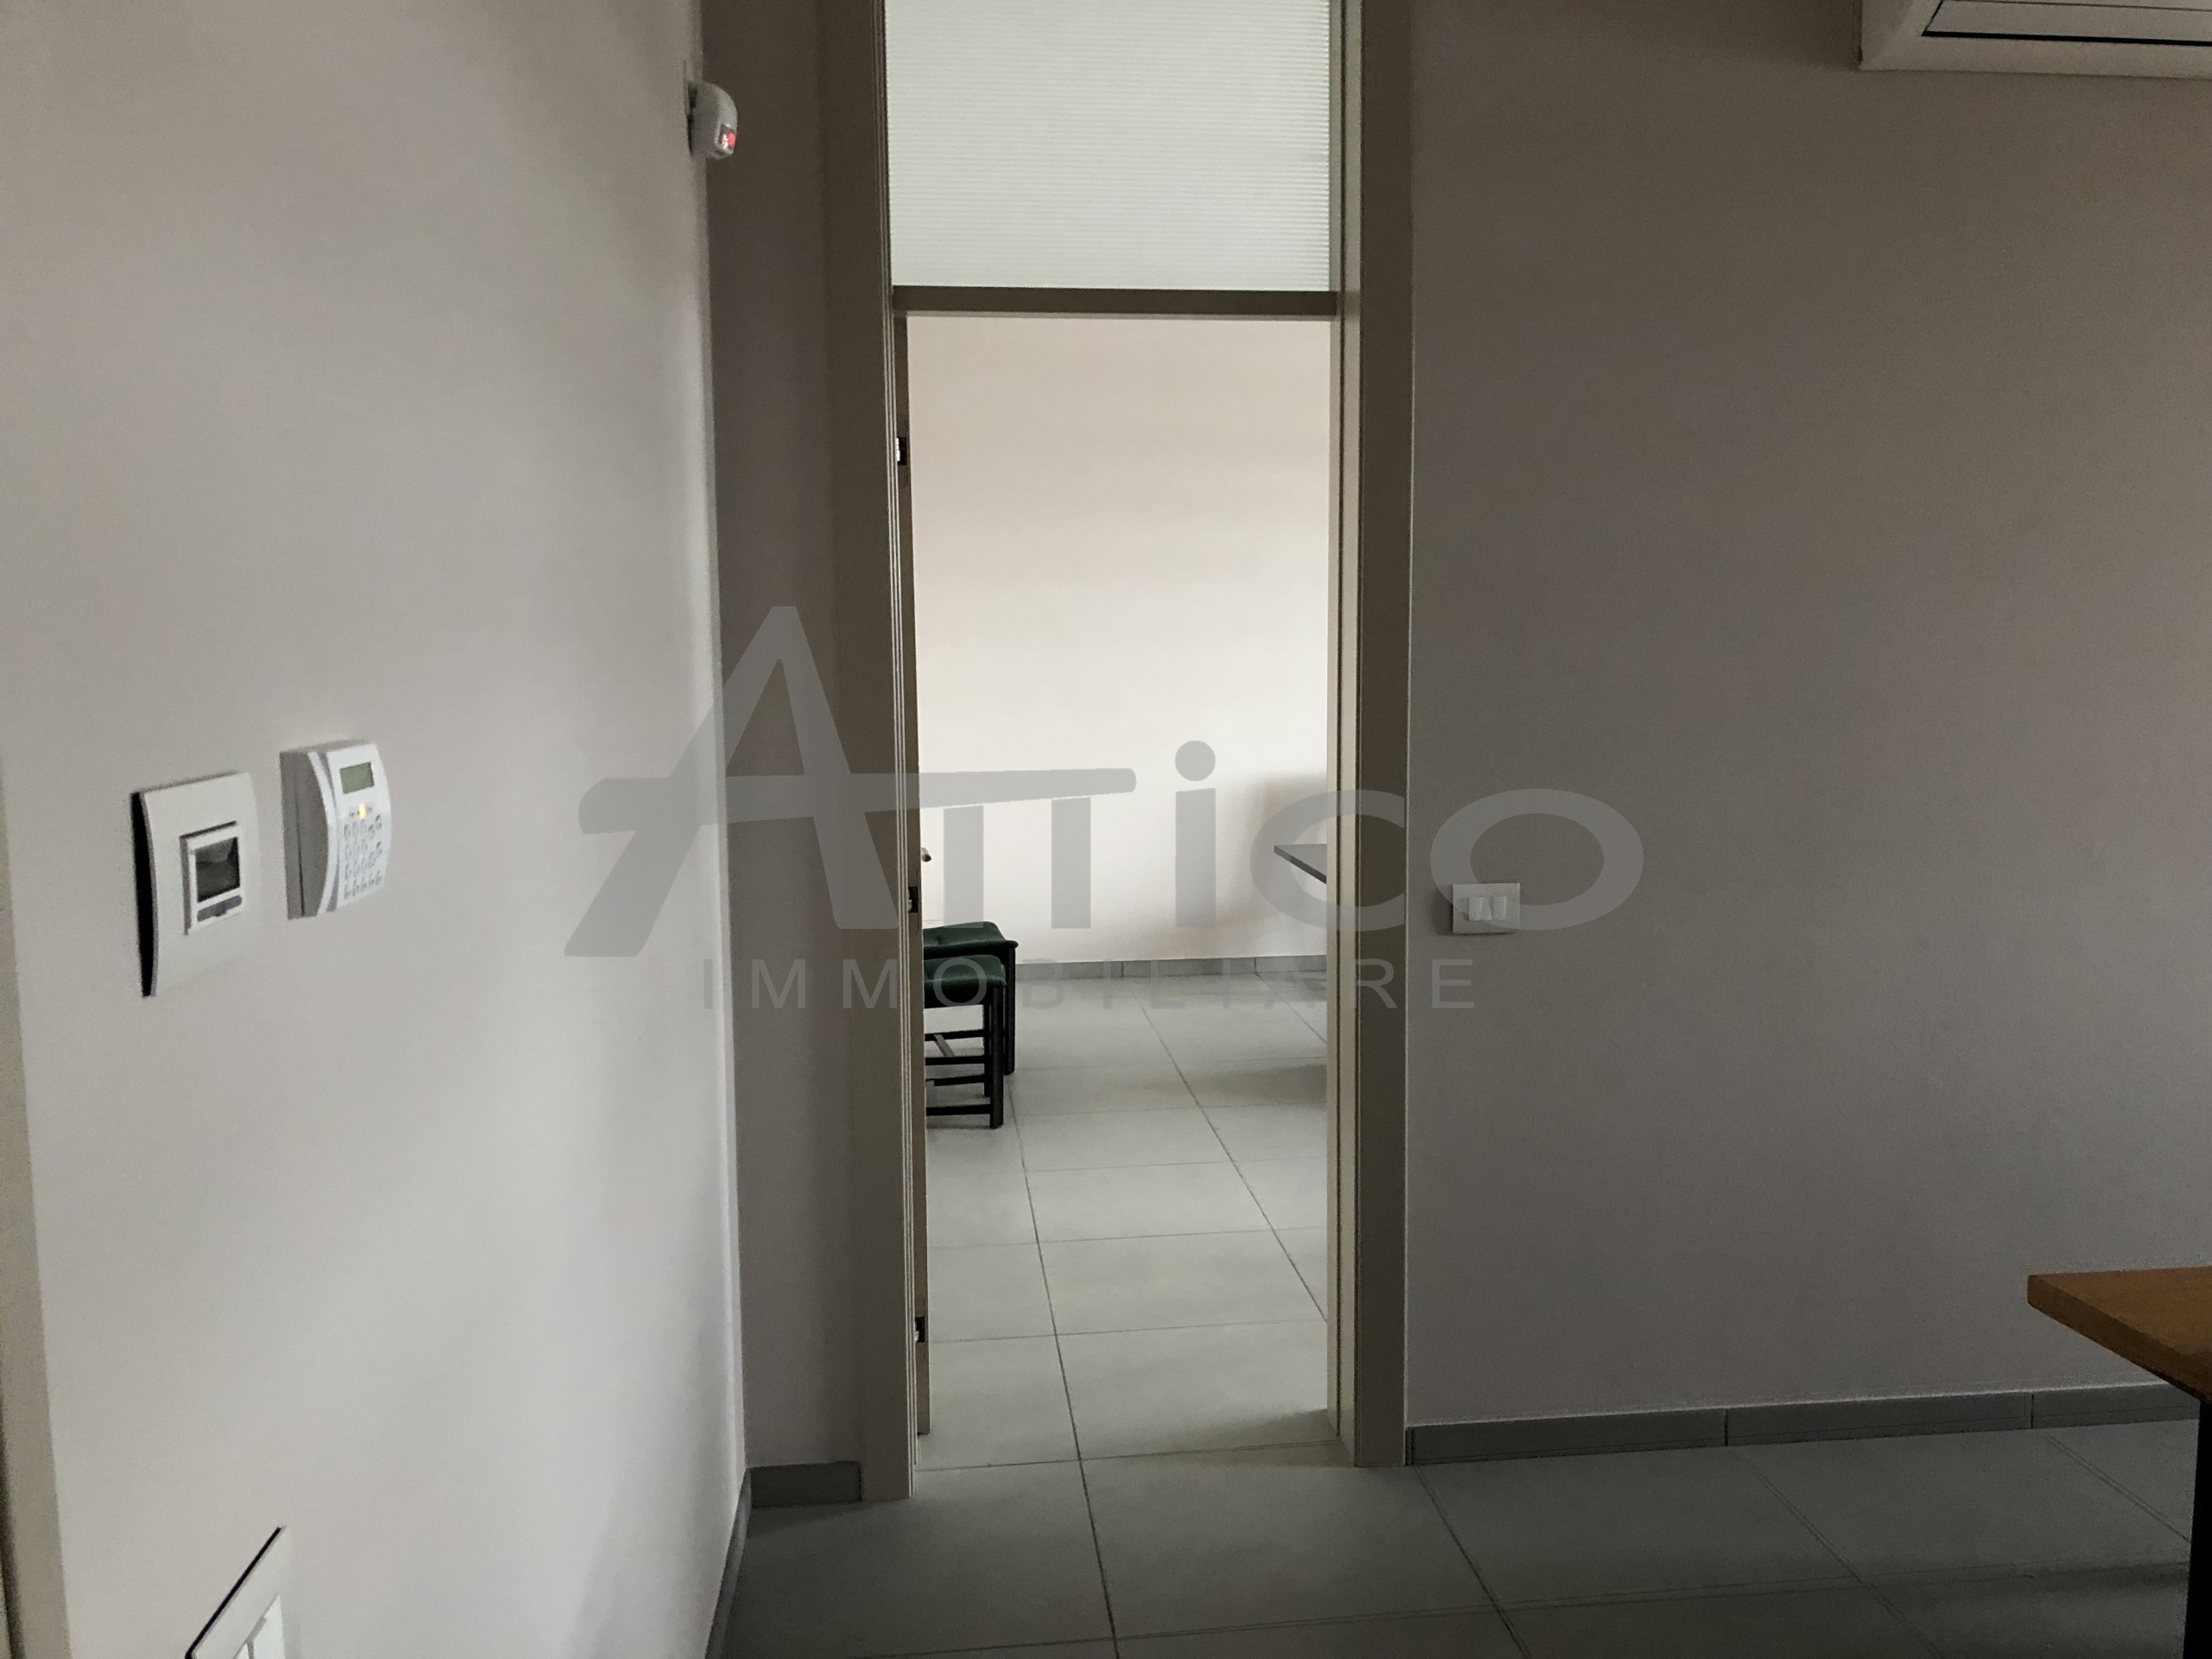 Ufficio Rovigo : Codice a1220 ufficio vendita a rovigo borsea attico immobiliare